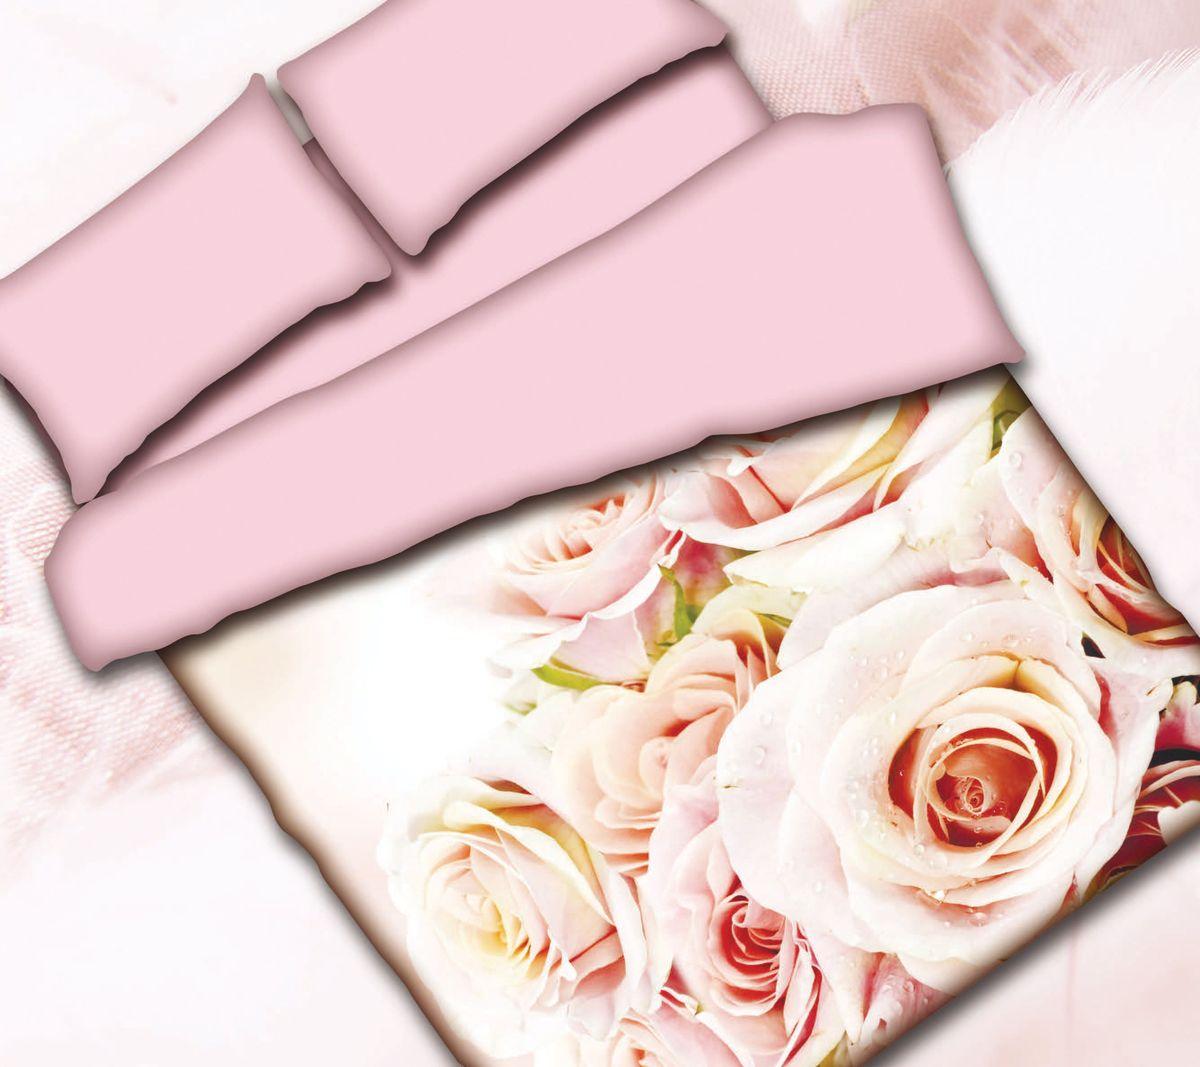 Комплект белья Коллекция Розы, 2-спальный, наволочки 50x70. СРП2/50/ОЗ/розыСРП2/50/ОЗ/розы